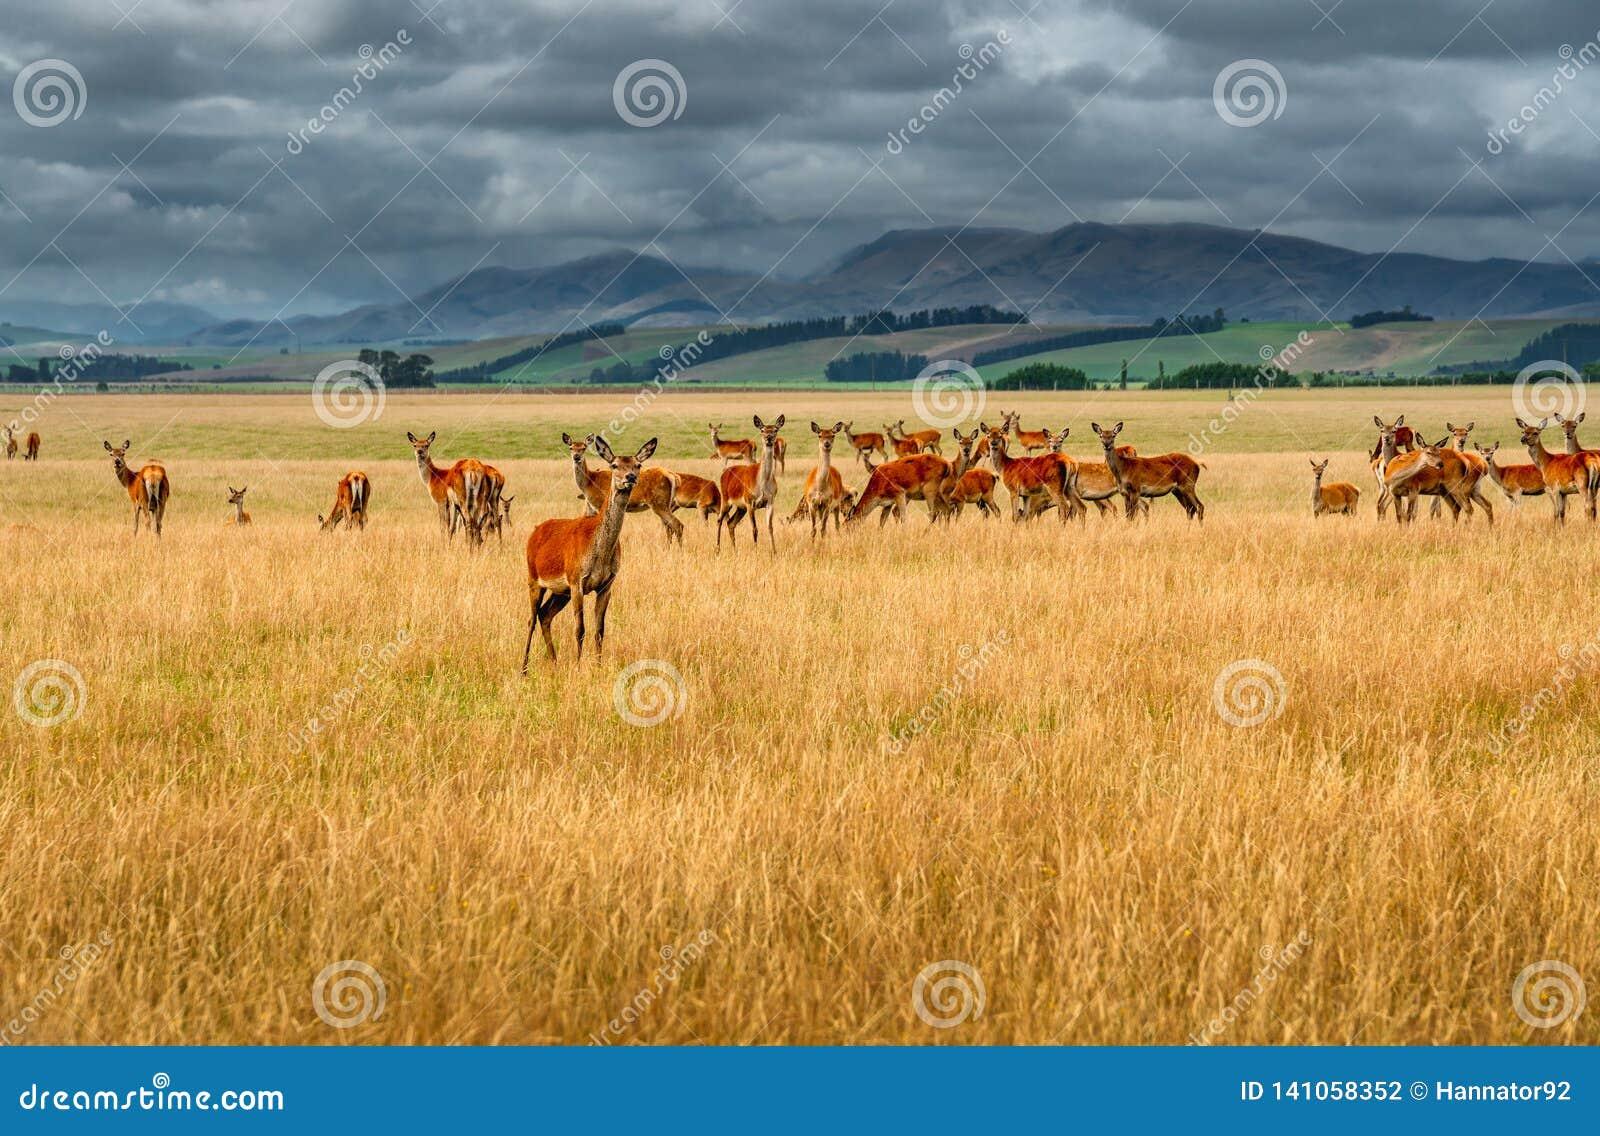 Um grande grupo de rena selvagem, de montanhas e de céu nebuloso no fundo